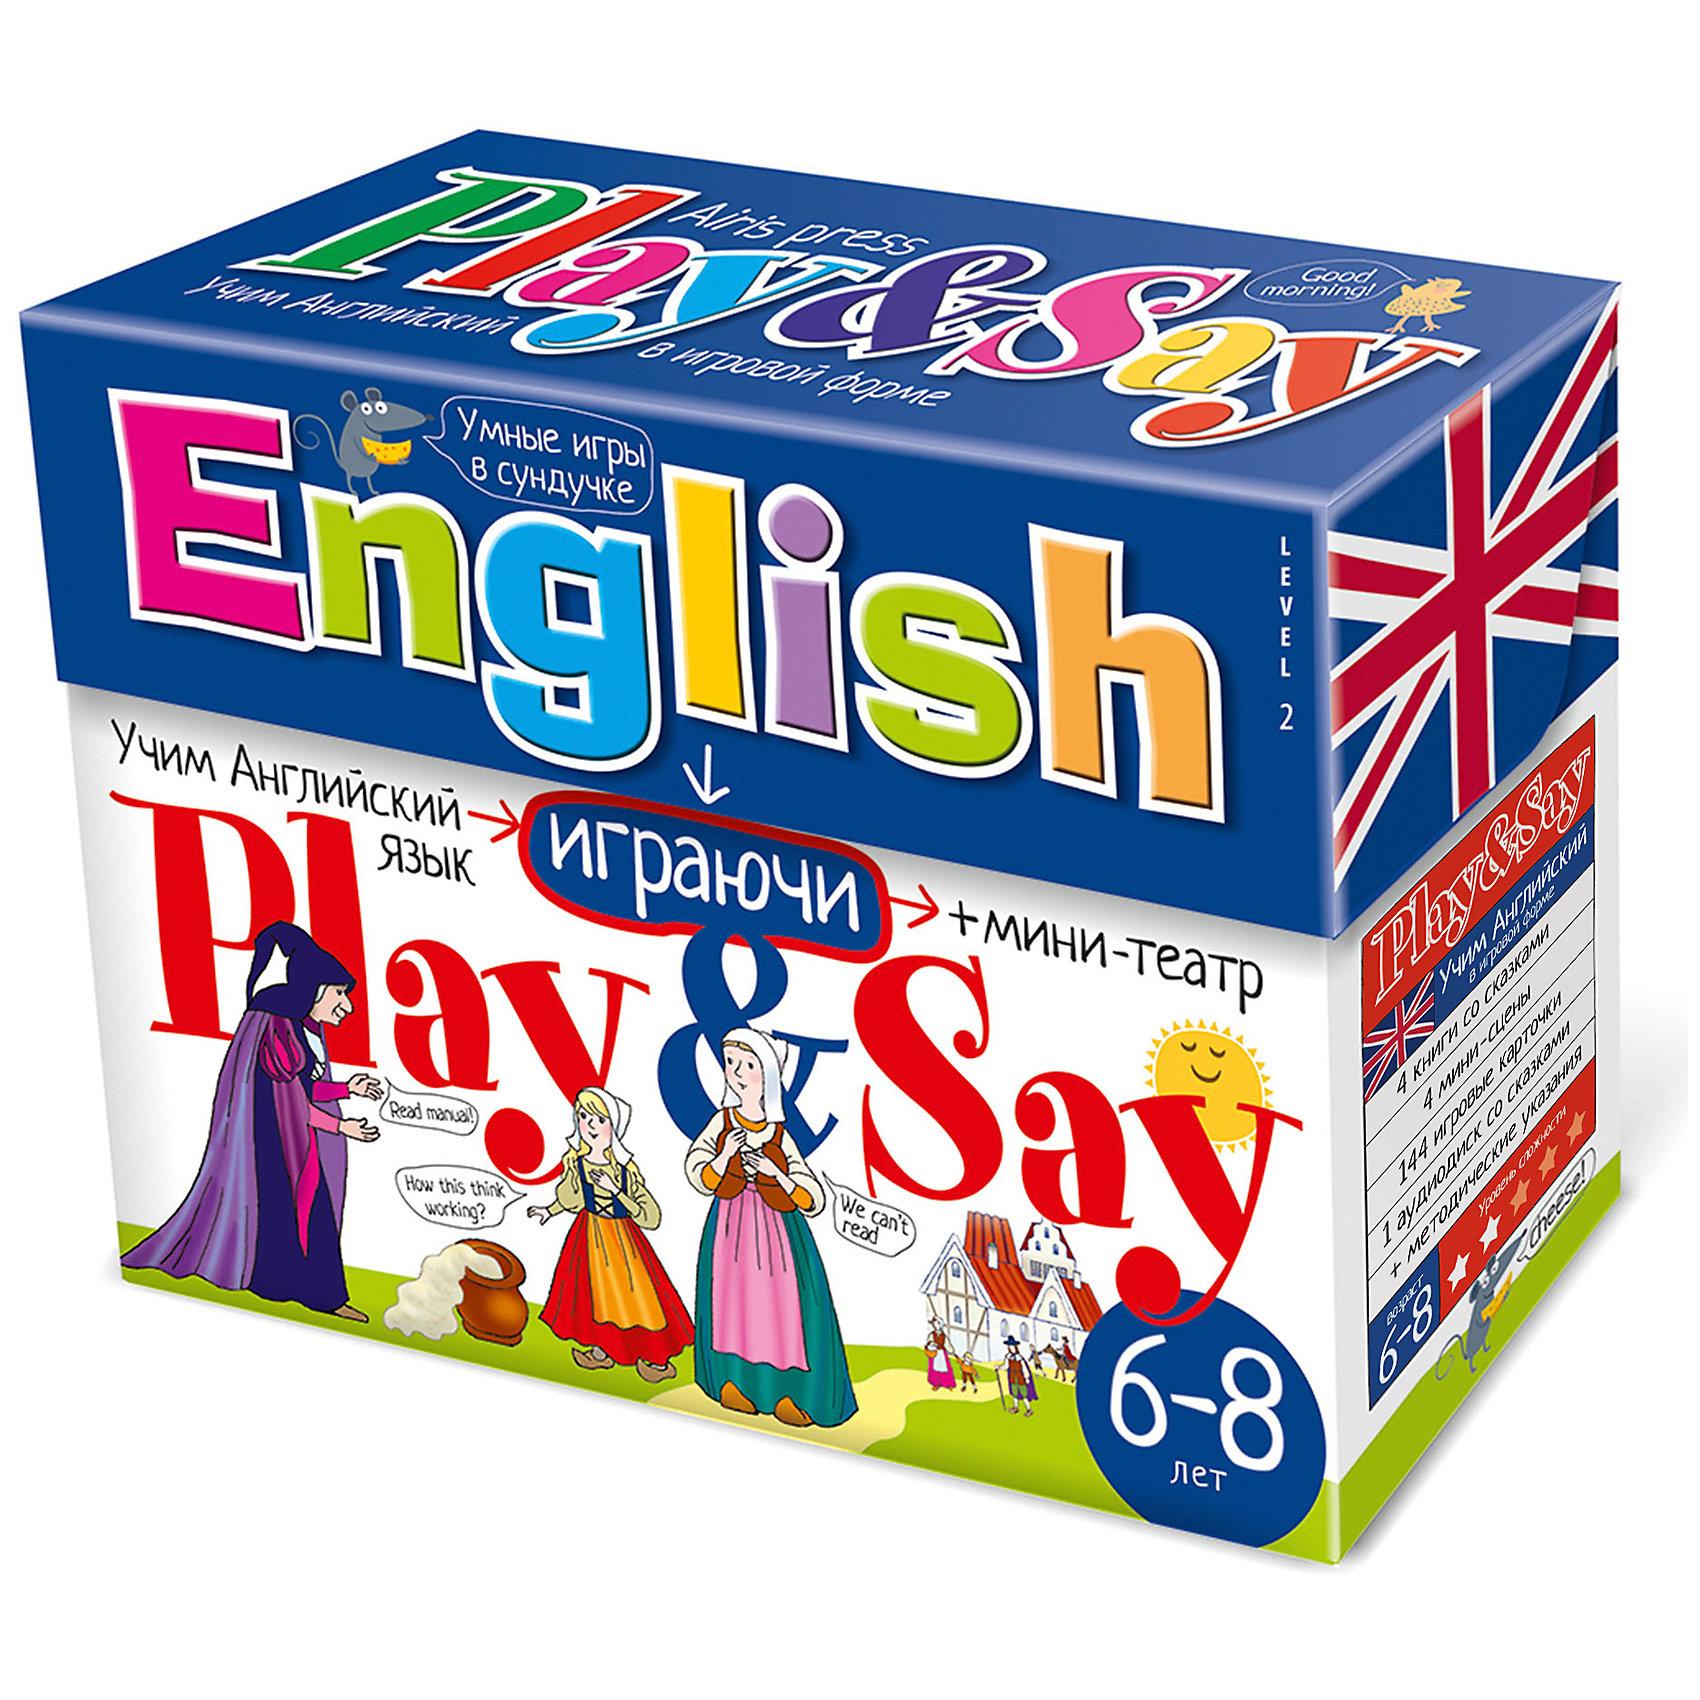 Учим английский язык Play&amp;Say, уровень 2, синийИностранный язык<br>Набор English: Play &amp; Say. Level 2 из серии «Умные игры в сундучке» поможет детям преодолеть языковой барьер и начать говорить по-английски. &#13;<br>В набор входят 4 книги со сказками, адаптированными специально для детей младшего школьного возраста («Колобок», «Златовласка», «Волшебный горшочек каши», «Три поросёнка становятся детективами»). К сказкам прилагается компакт-диск, на котором представлены аудиозаписи сказок. Также в сундучке вы найдёте набор игровых карточек, разработанный таким образом, что ребёнок во время игры сможет с удовольствием и не заметно для себя выучить новые английские слова. В набор также входит объемный мини-театр с игровыми фигурками (4 мини-сцены + герои и предметы из сказок). Мини-театр позволит разыграть четыре спектакля по мотивам входящих в набор сказок.&#13;<br>Кроме того, в сундучке вы найдёте сборник с методическими рекомендациями, который поможет вам правильно организовать работу со всеми элементами набора.<br><br>Ширина мм: 65<br>Глубина мм: 220<br>Высота мм: 165<br>Вес г: 700<br>Возраст от месяцев: -2147483648<br>Возраст до месяцев: 2147483647<br>Пол: Унисекс<br>Возраст: Детский<br>SKU: 6849582